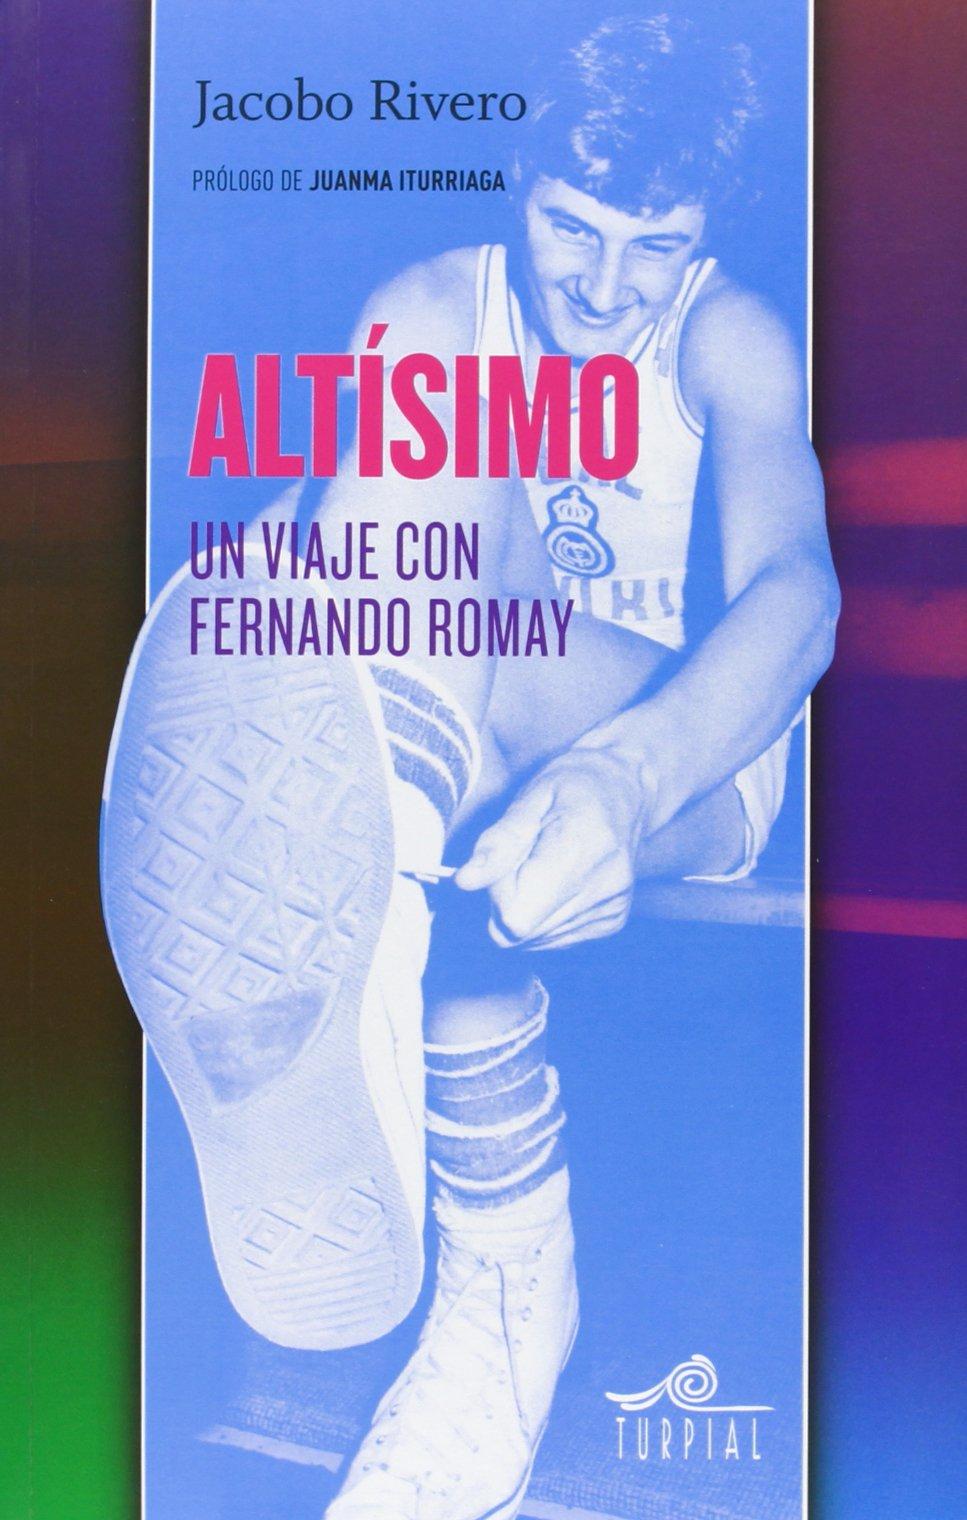 Altisimo: Un viaje con Fernando Romay (Mirador) Tapa blanda – 8 nov 2013 Jacobo Rivero Ediciones Turpial S.A. 8495157675